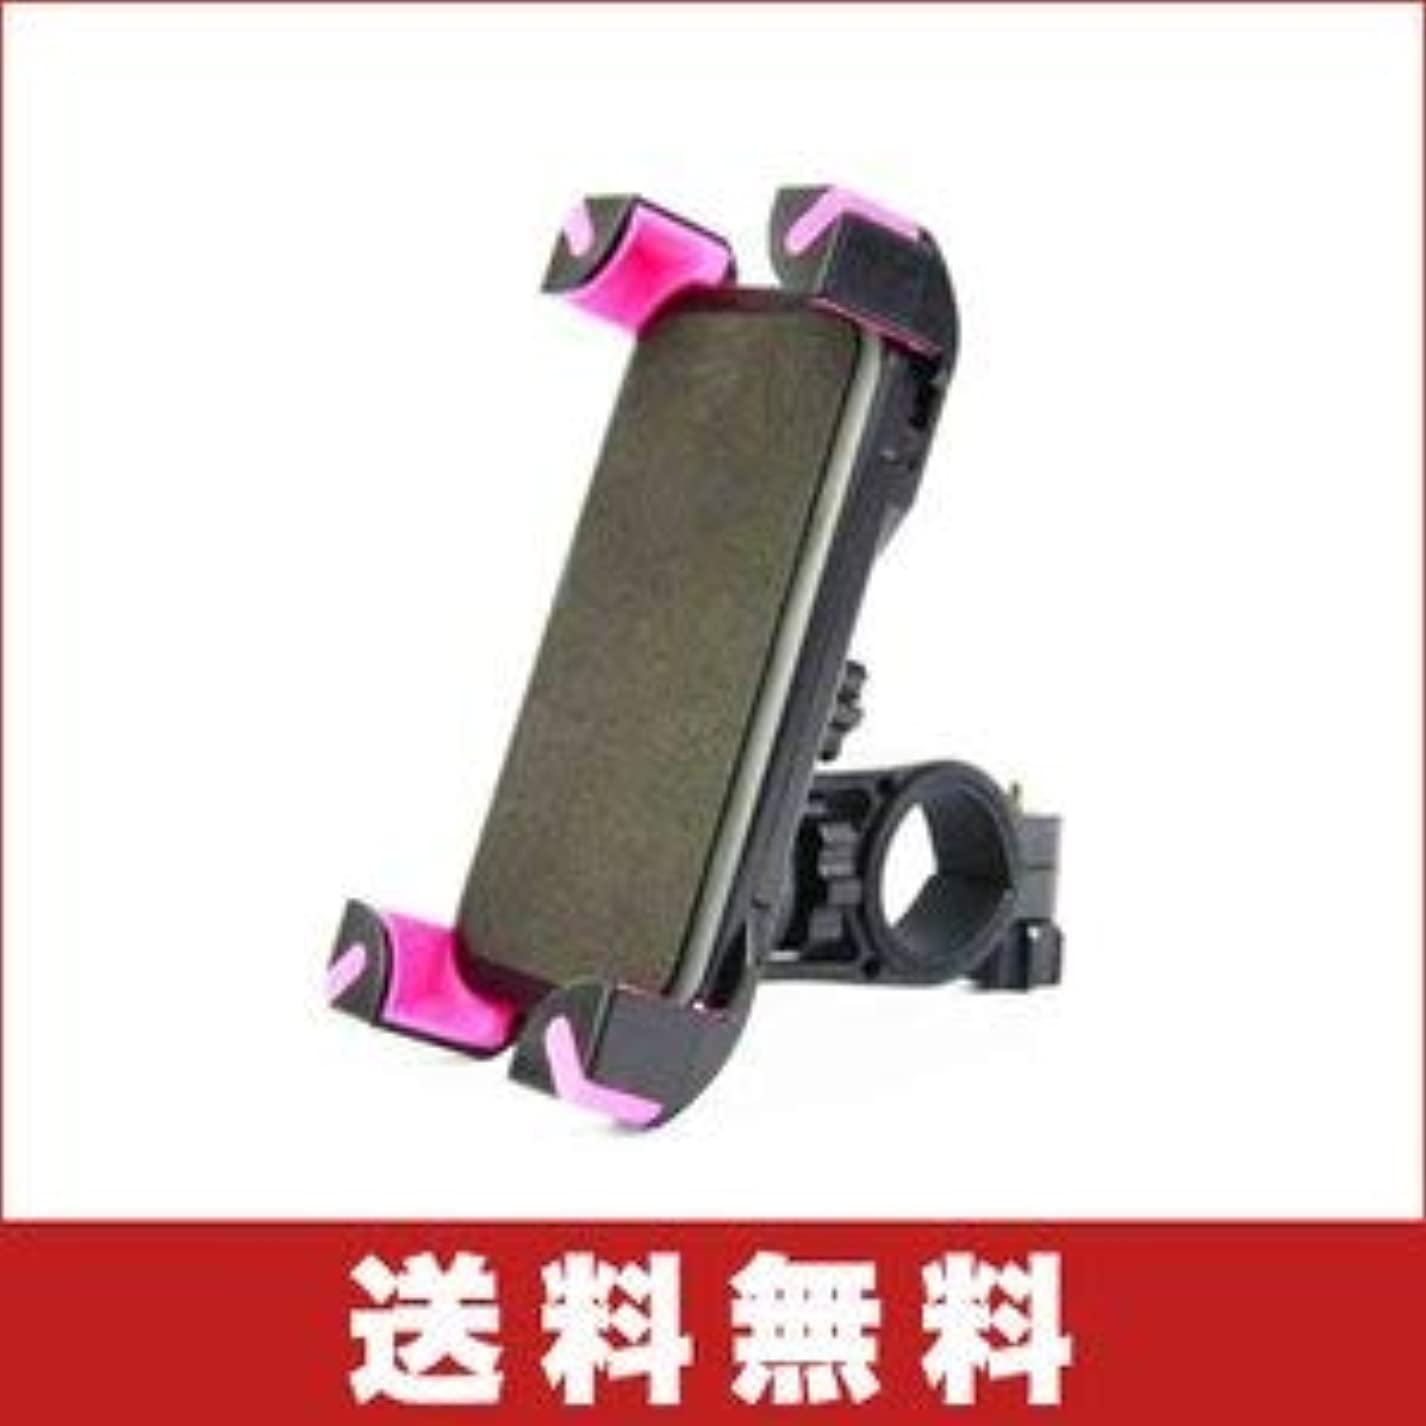 中庭積極的に液化するバイクホルダー 自転車スタンド GPSナビ?スマホ?iPhone固定用 バーマウントキット 360度回転 脱落防止(